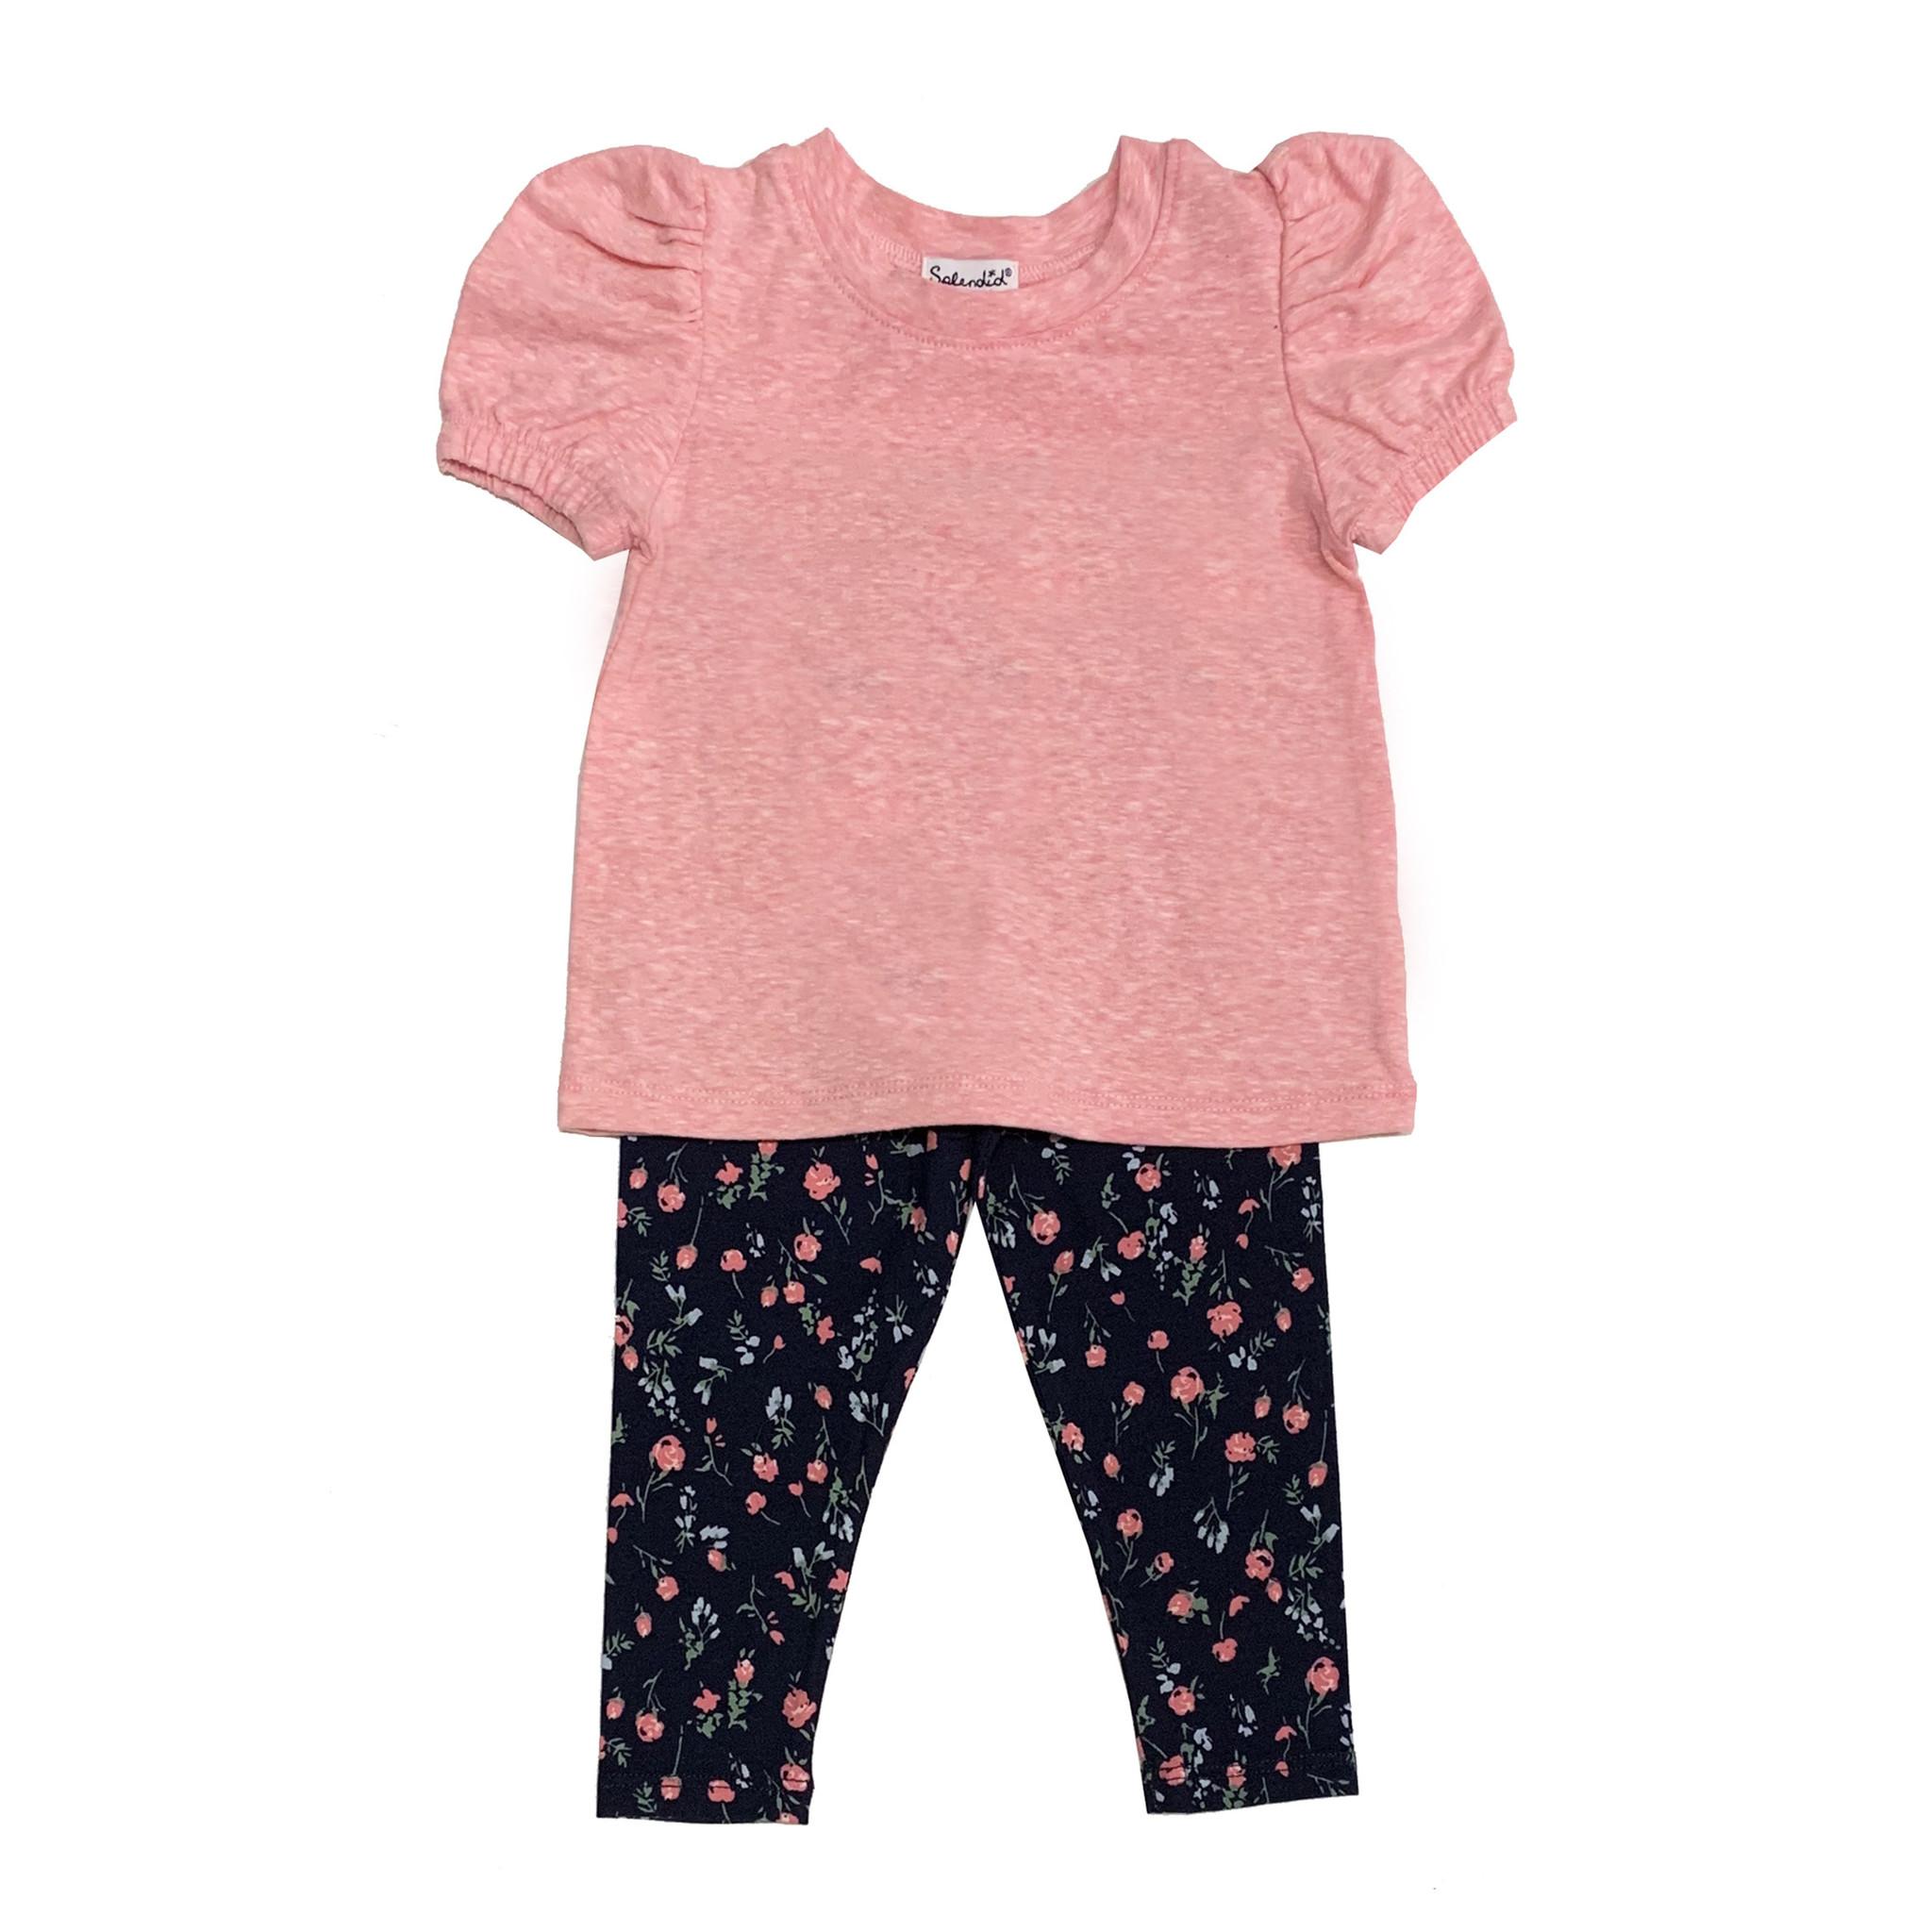 Splendid Pink & Navy Floral Legging Set